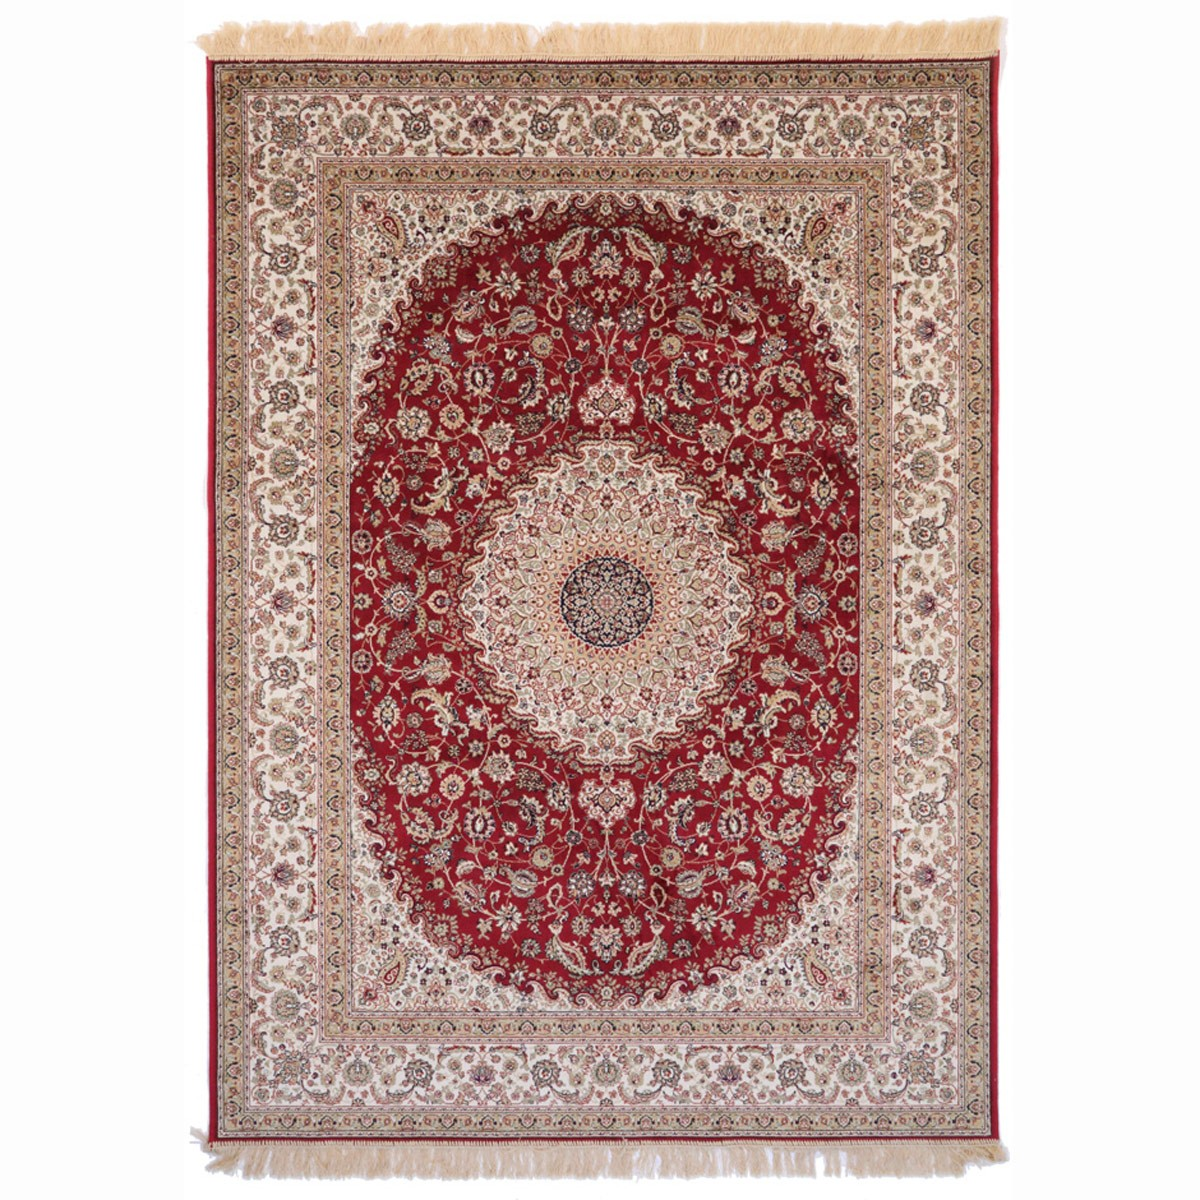 Χαλιά Κρεβατοκάμαρας (Σετ 3τμχ) Royal Carpets Rubine 396 Red